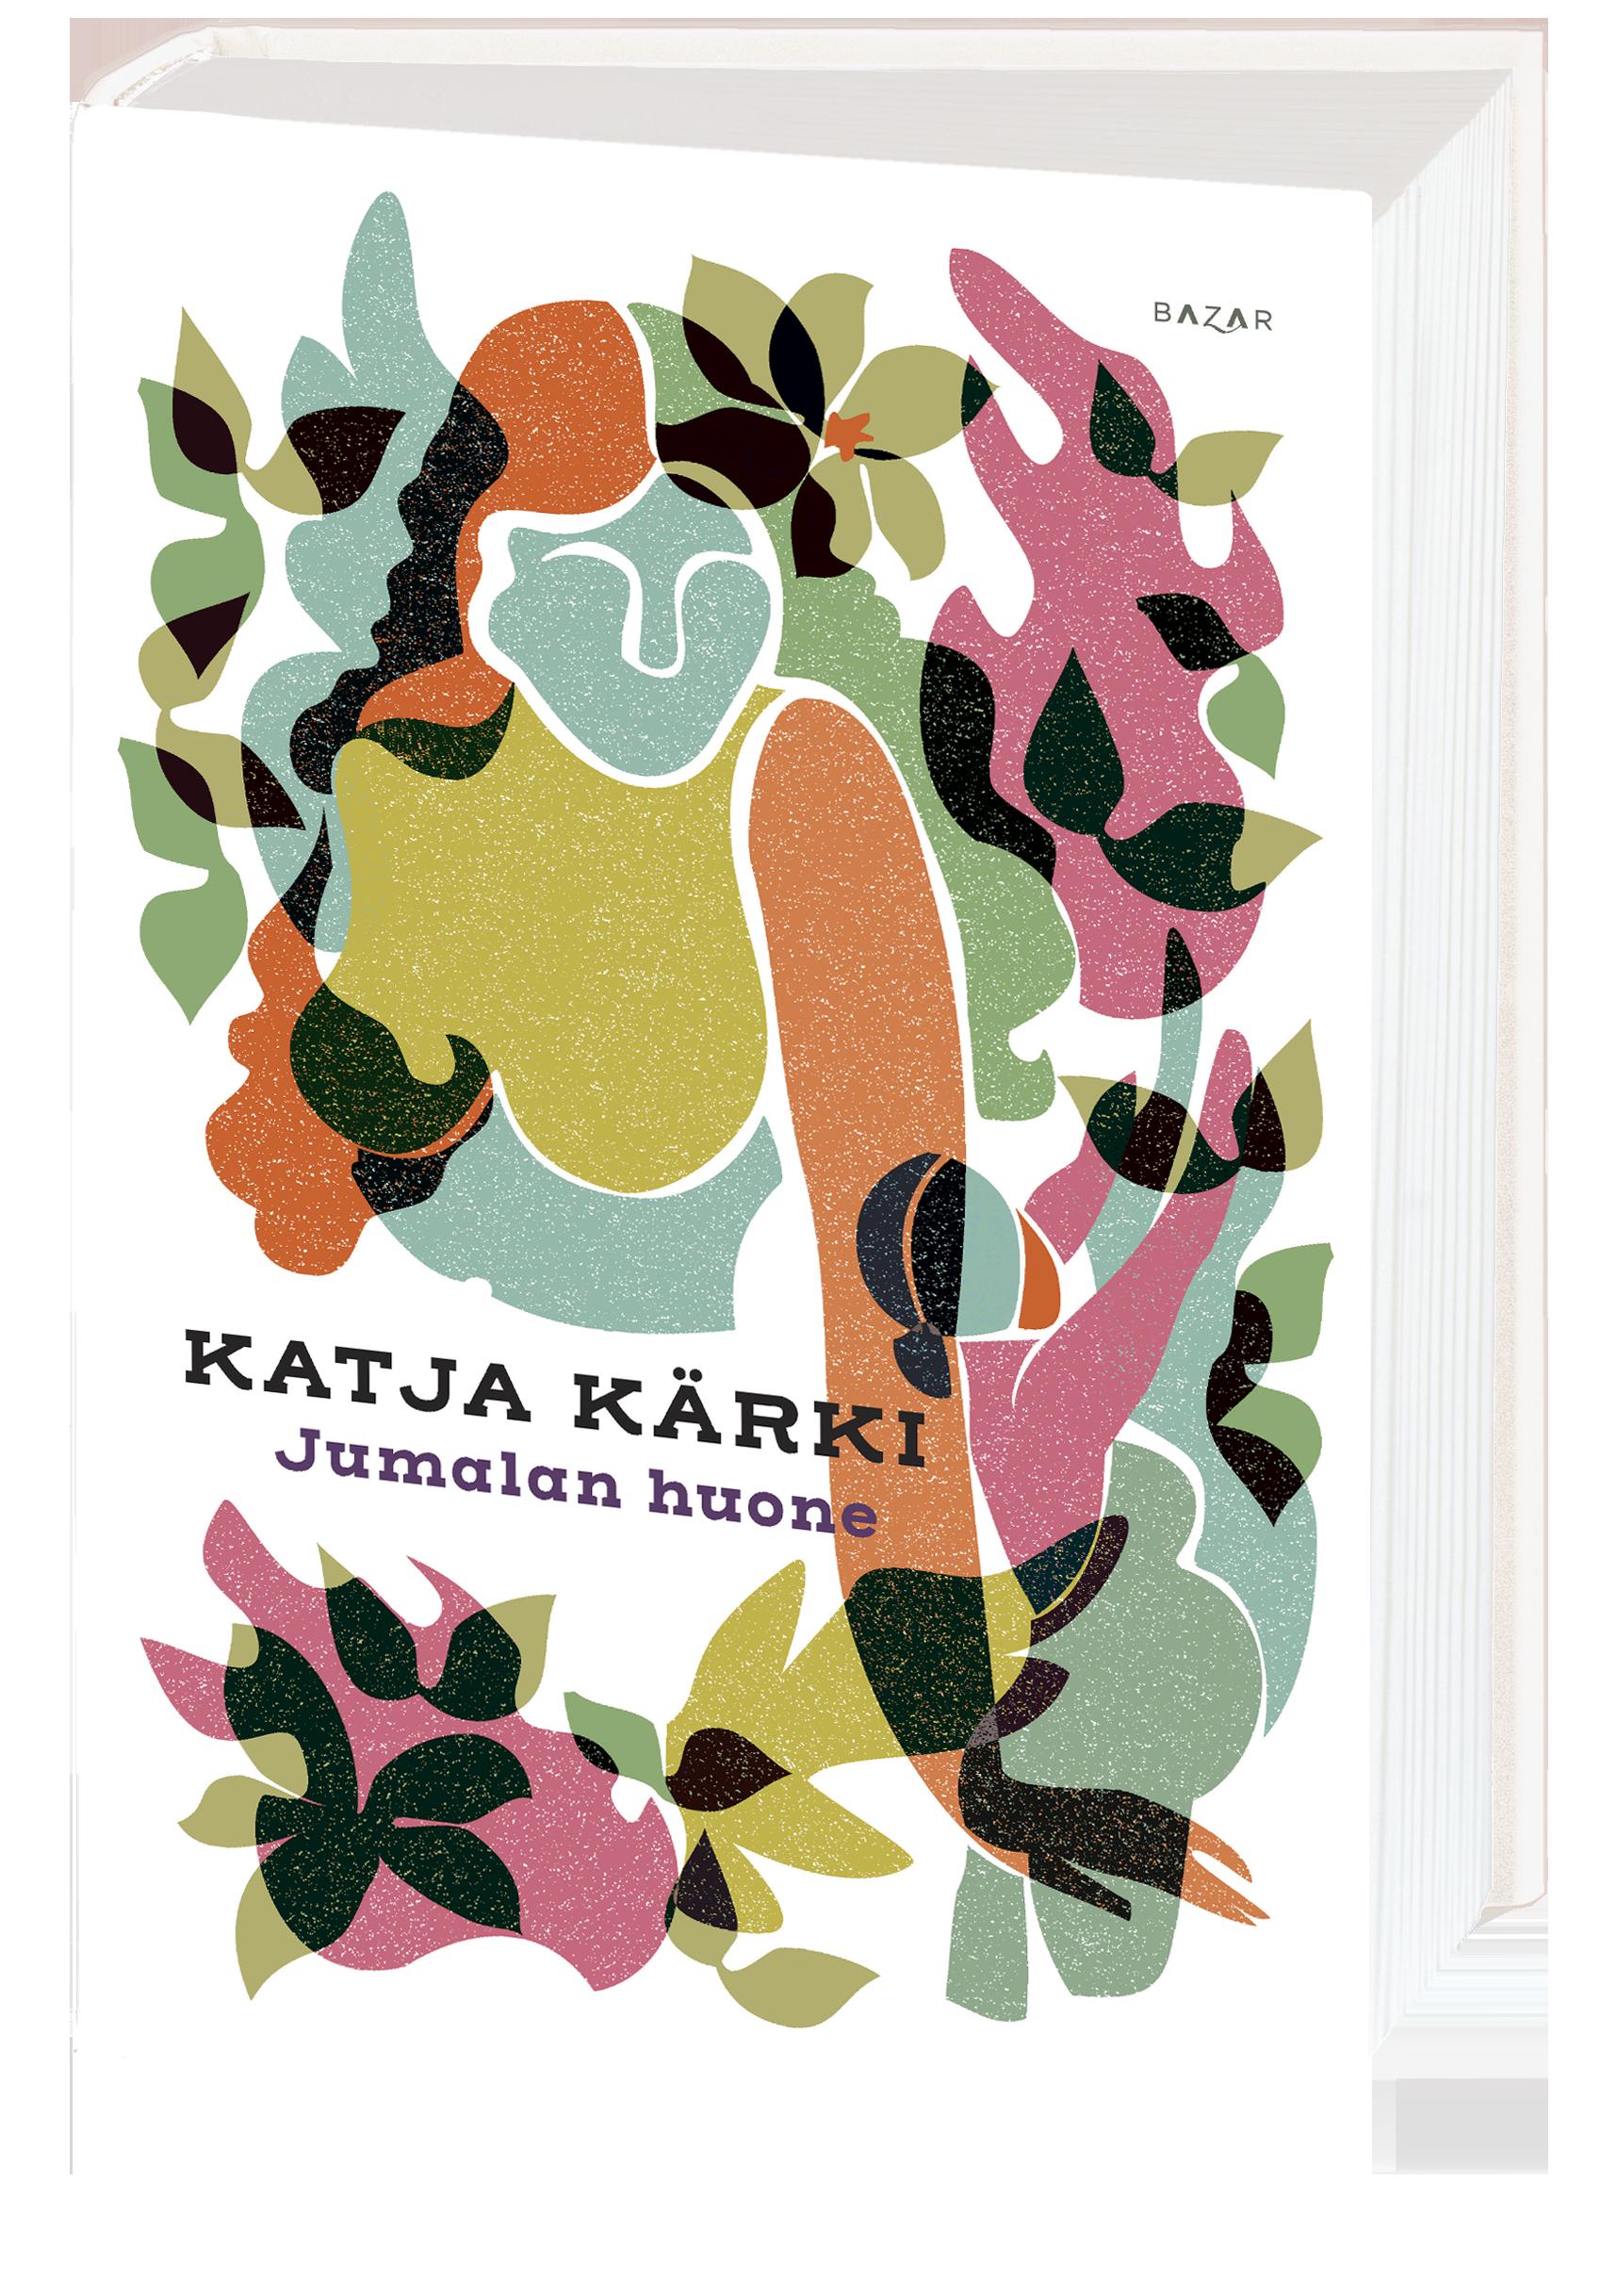 Naistenpäivänä pe 8.3.2019 klo 16-18 kirjailijavieraana Katja Kärki